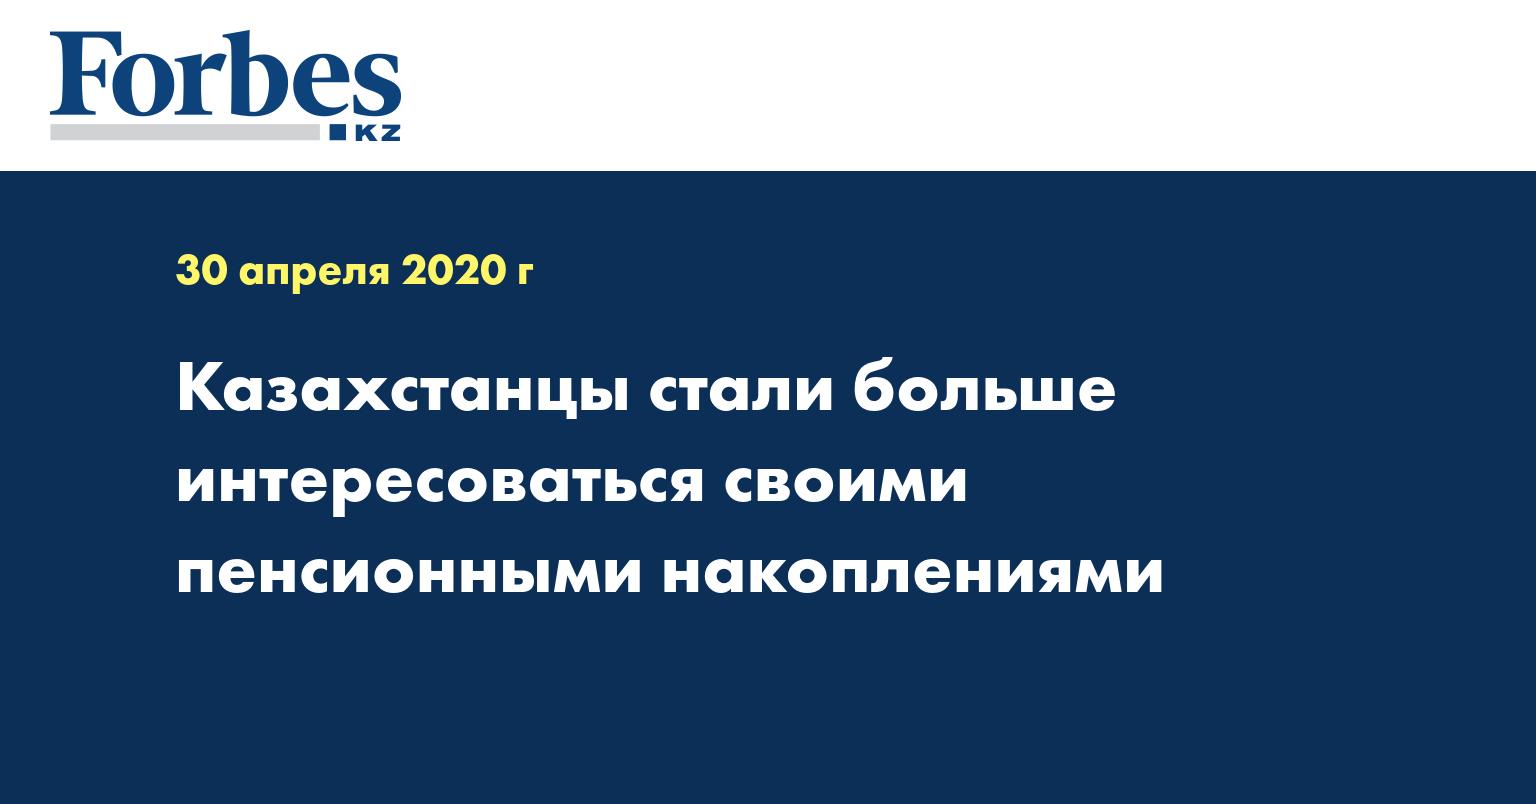 Казахстанцы стали больше интересоваться своими пенсионными накоплениями